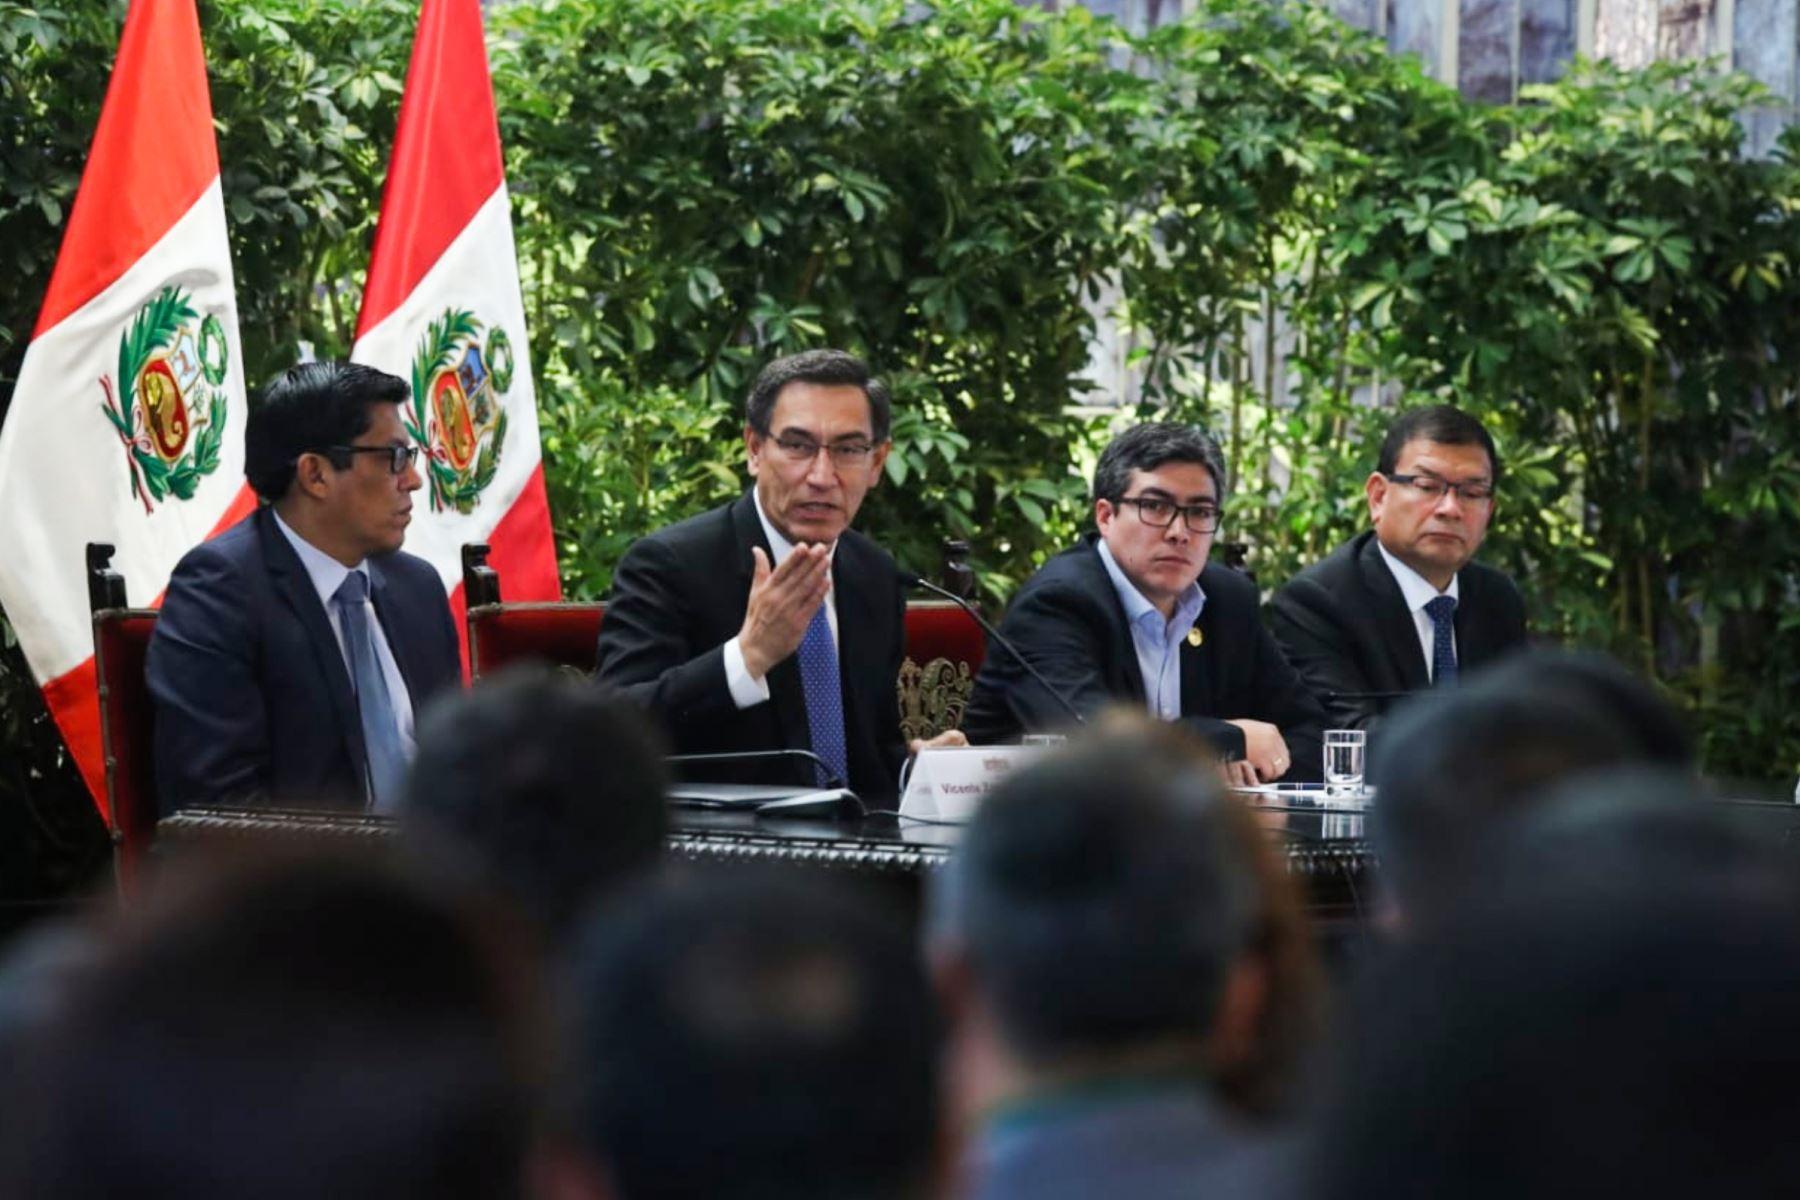 El presidente Martin Vizcarra, participa en el Encuentro del Gobierno Nacional y los alcaldes de la Red de Municipalidades Urbanas y Rurales del Perú-REMURPE. Foto: ANDINA/Prensa Presidencia